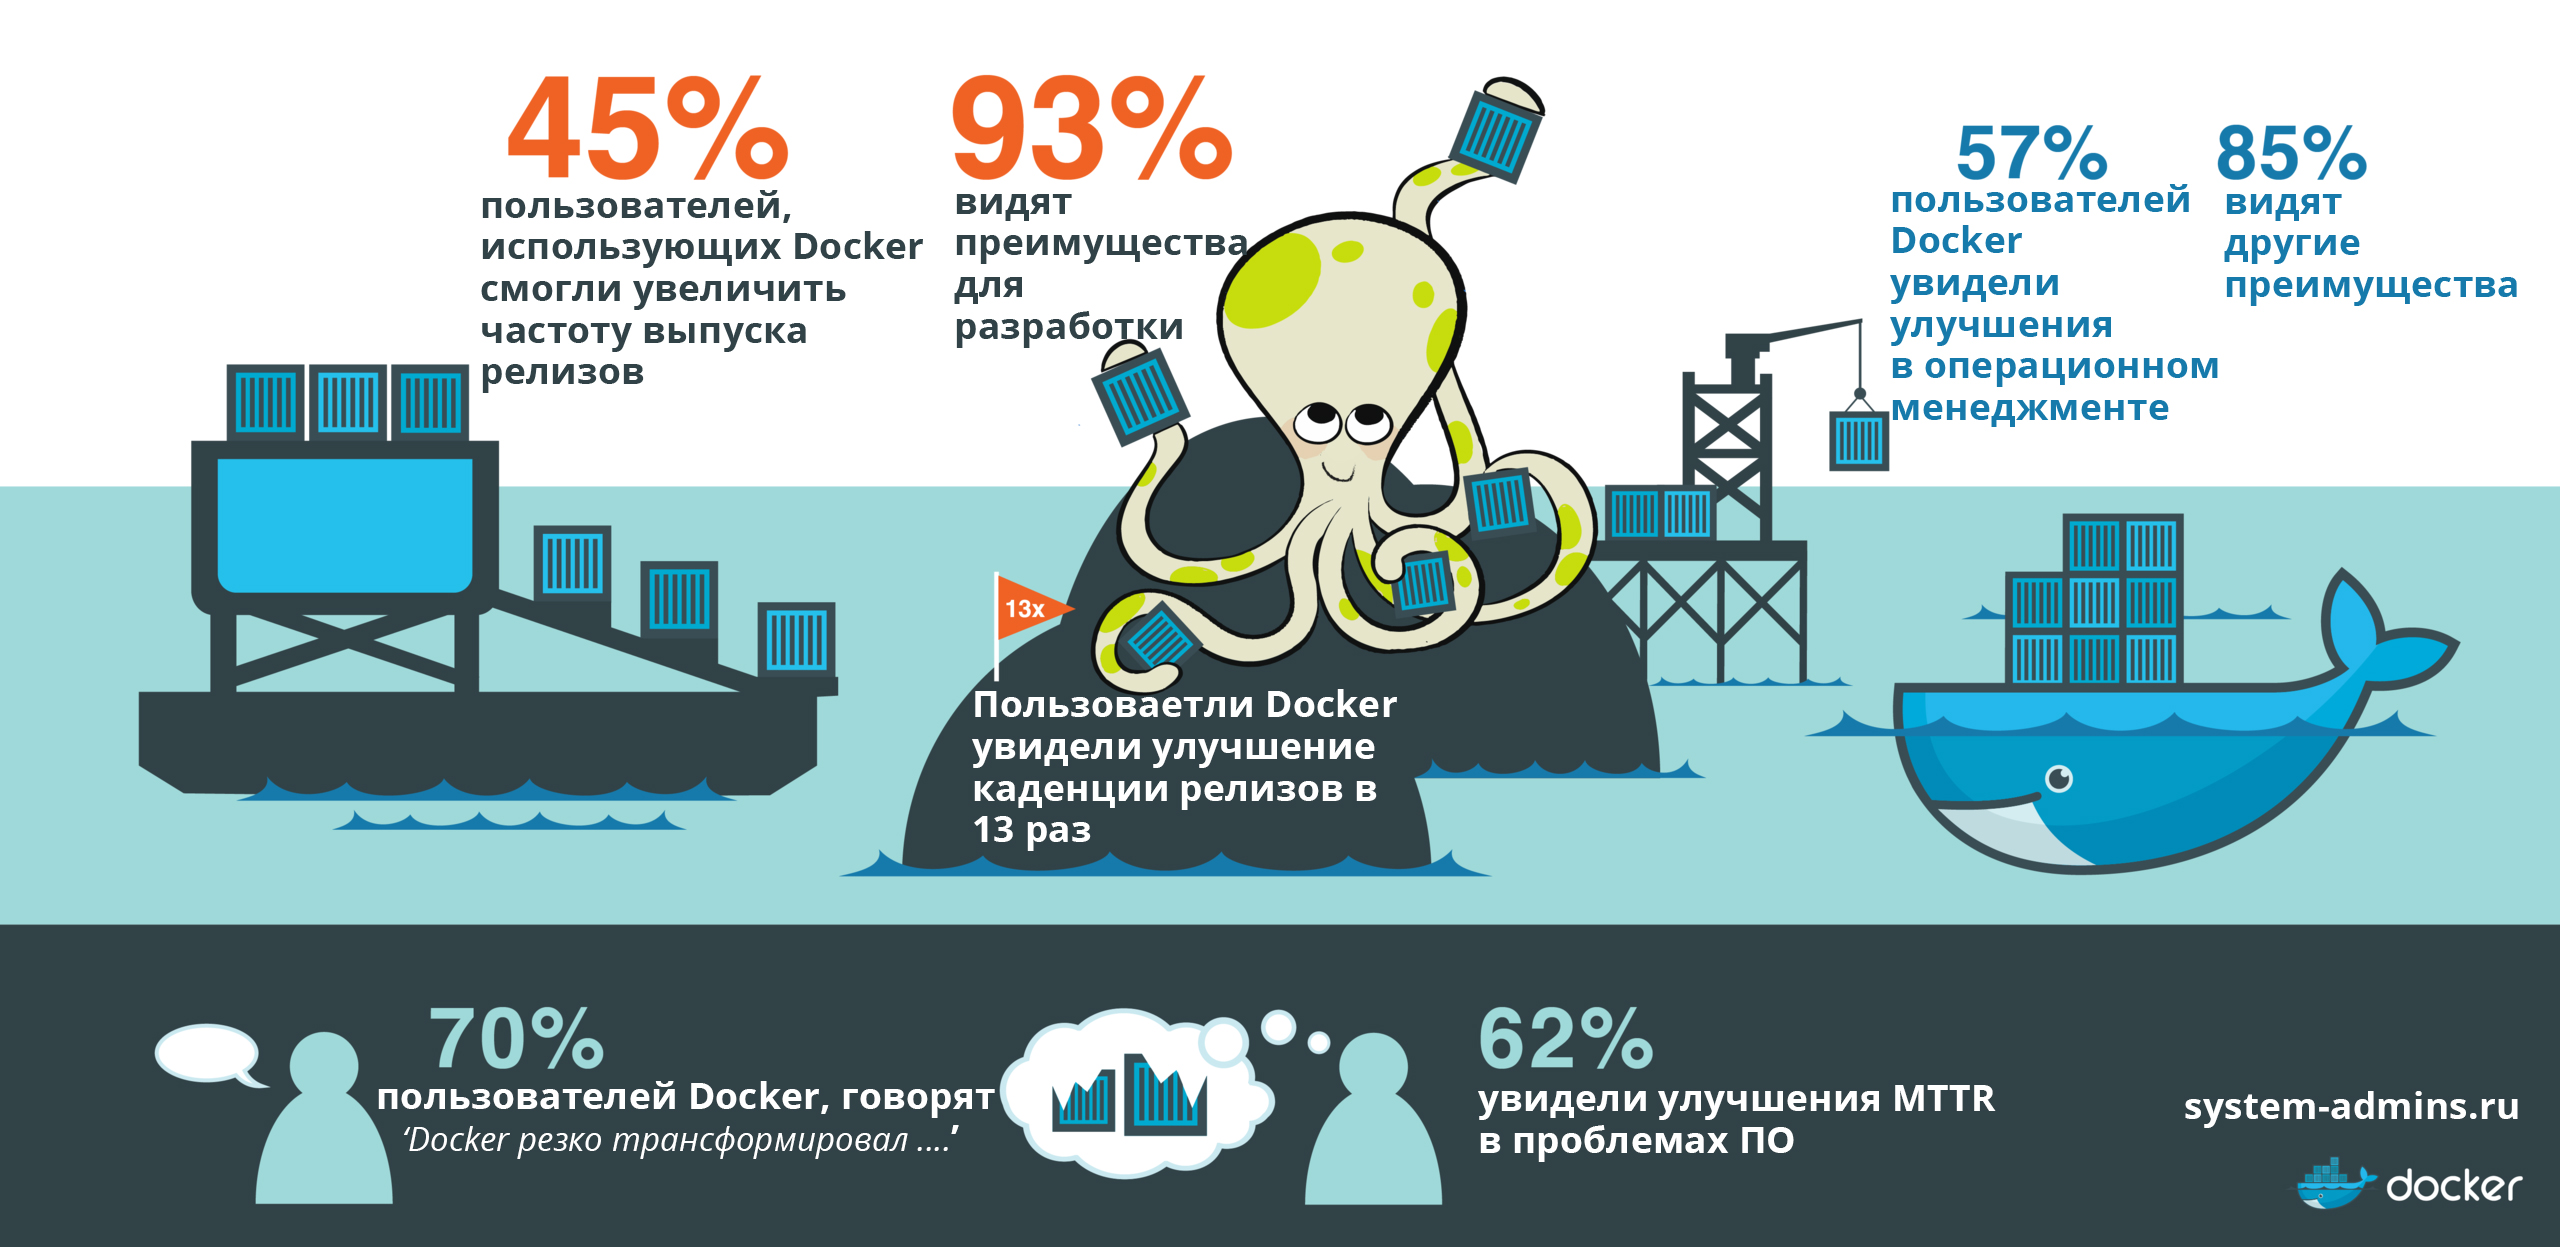 преимущества docker